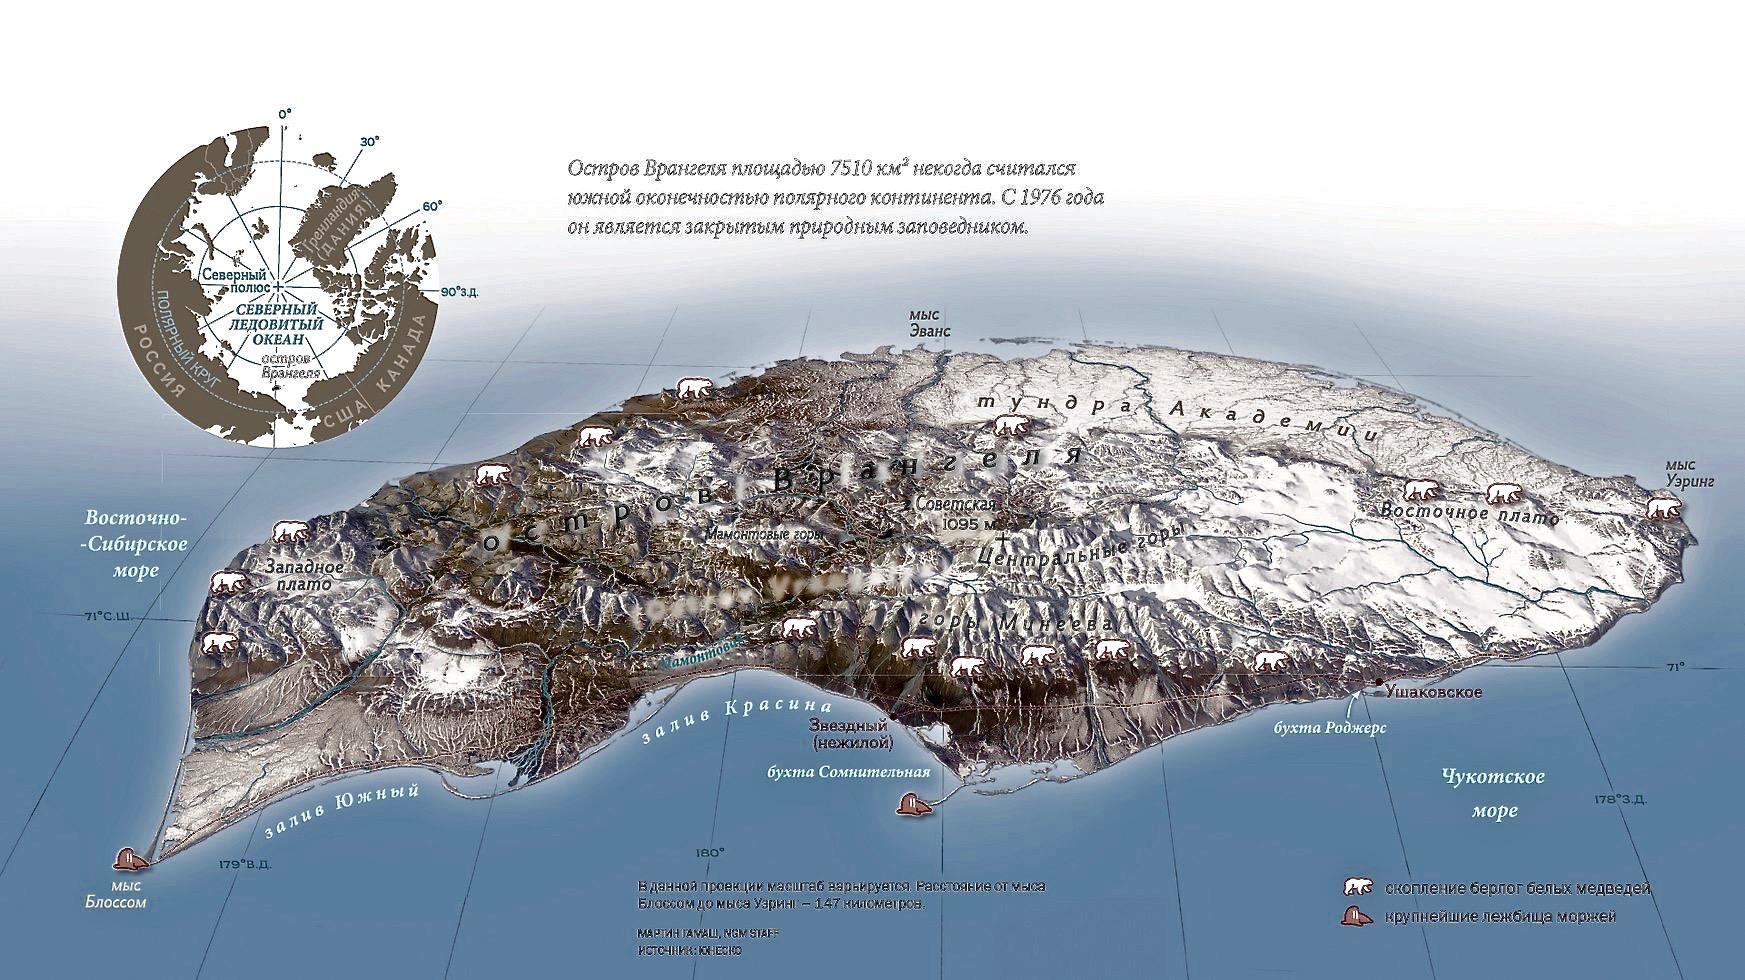 Заповедник остров врангеля остров врангеля - это небольшой остров, расположенный на территории россии